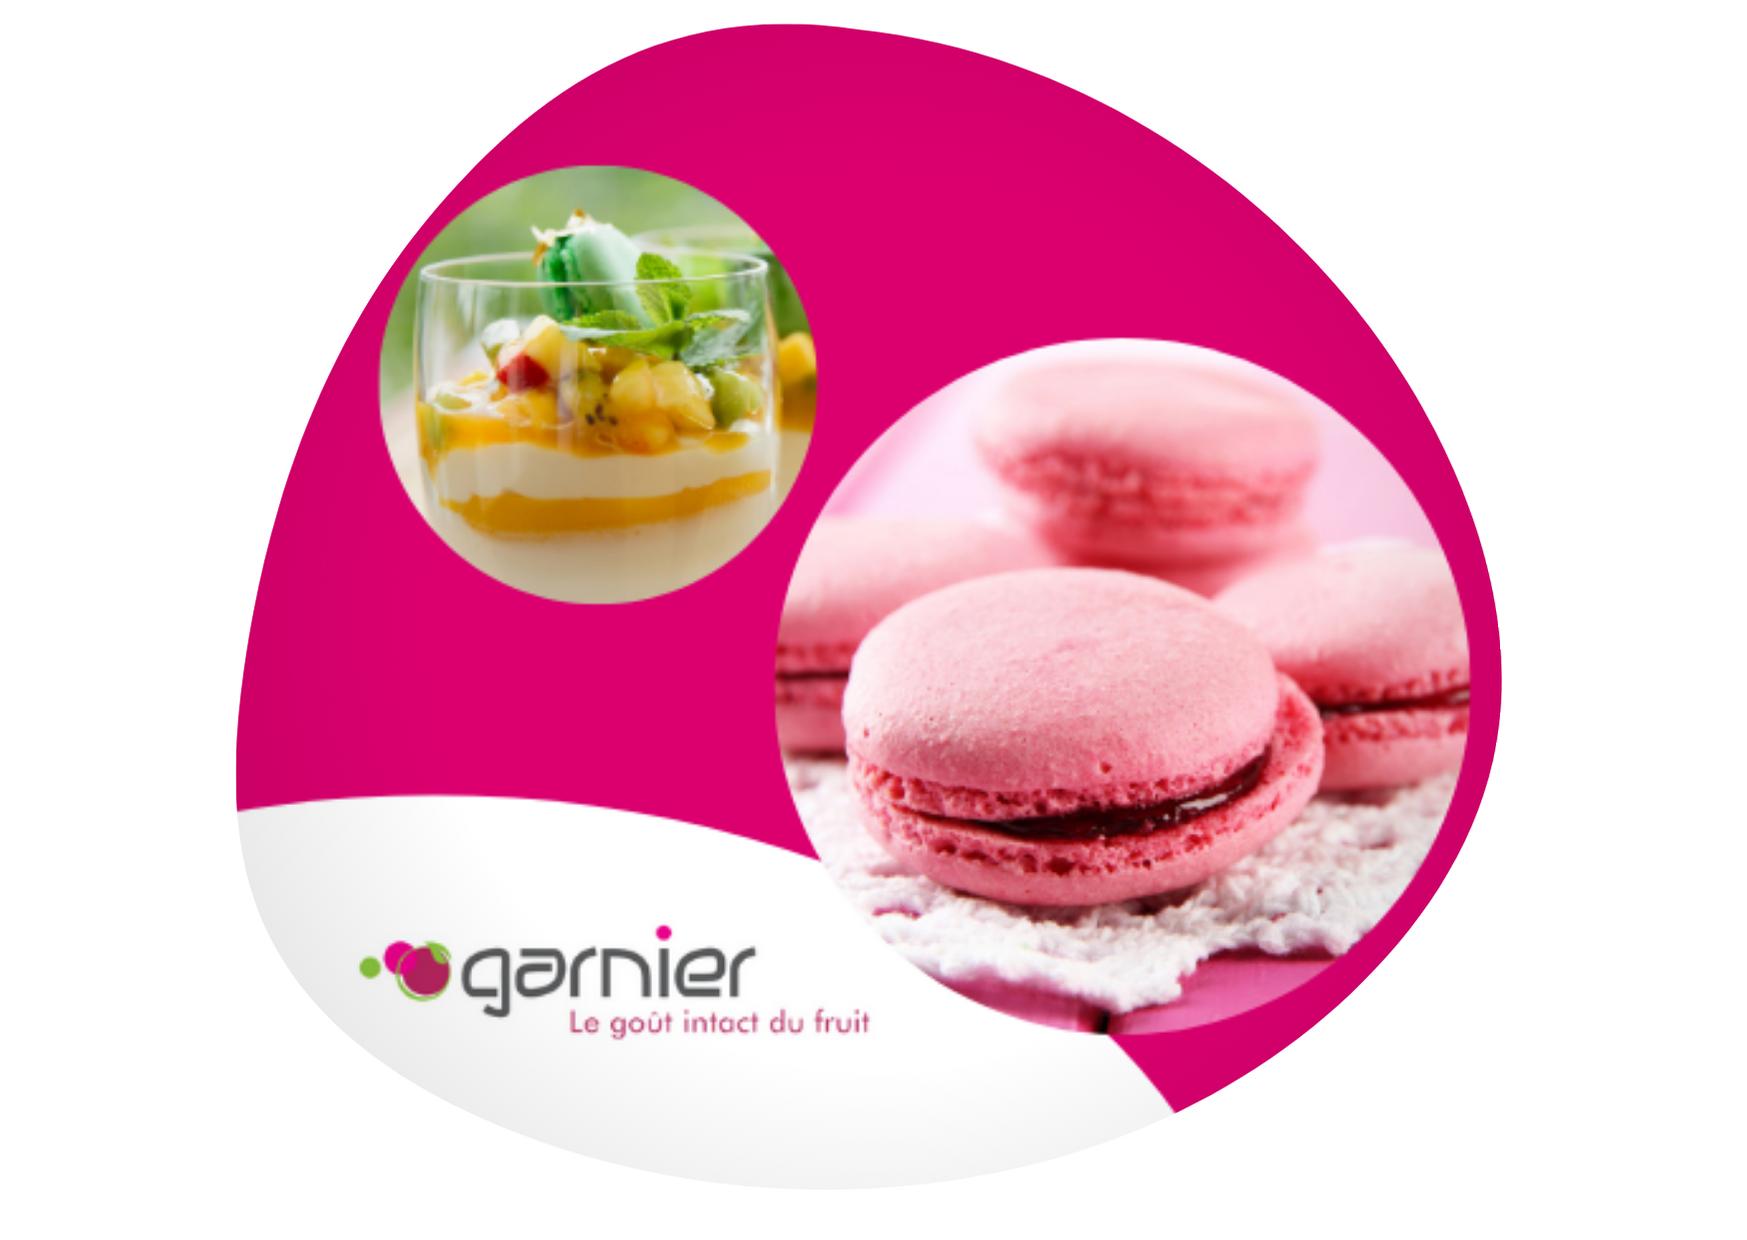 Garnier-1